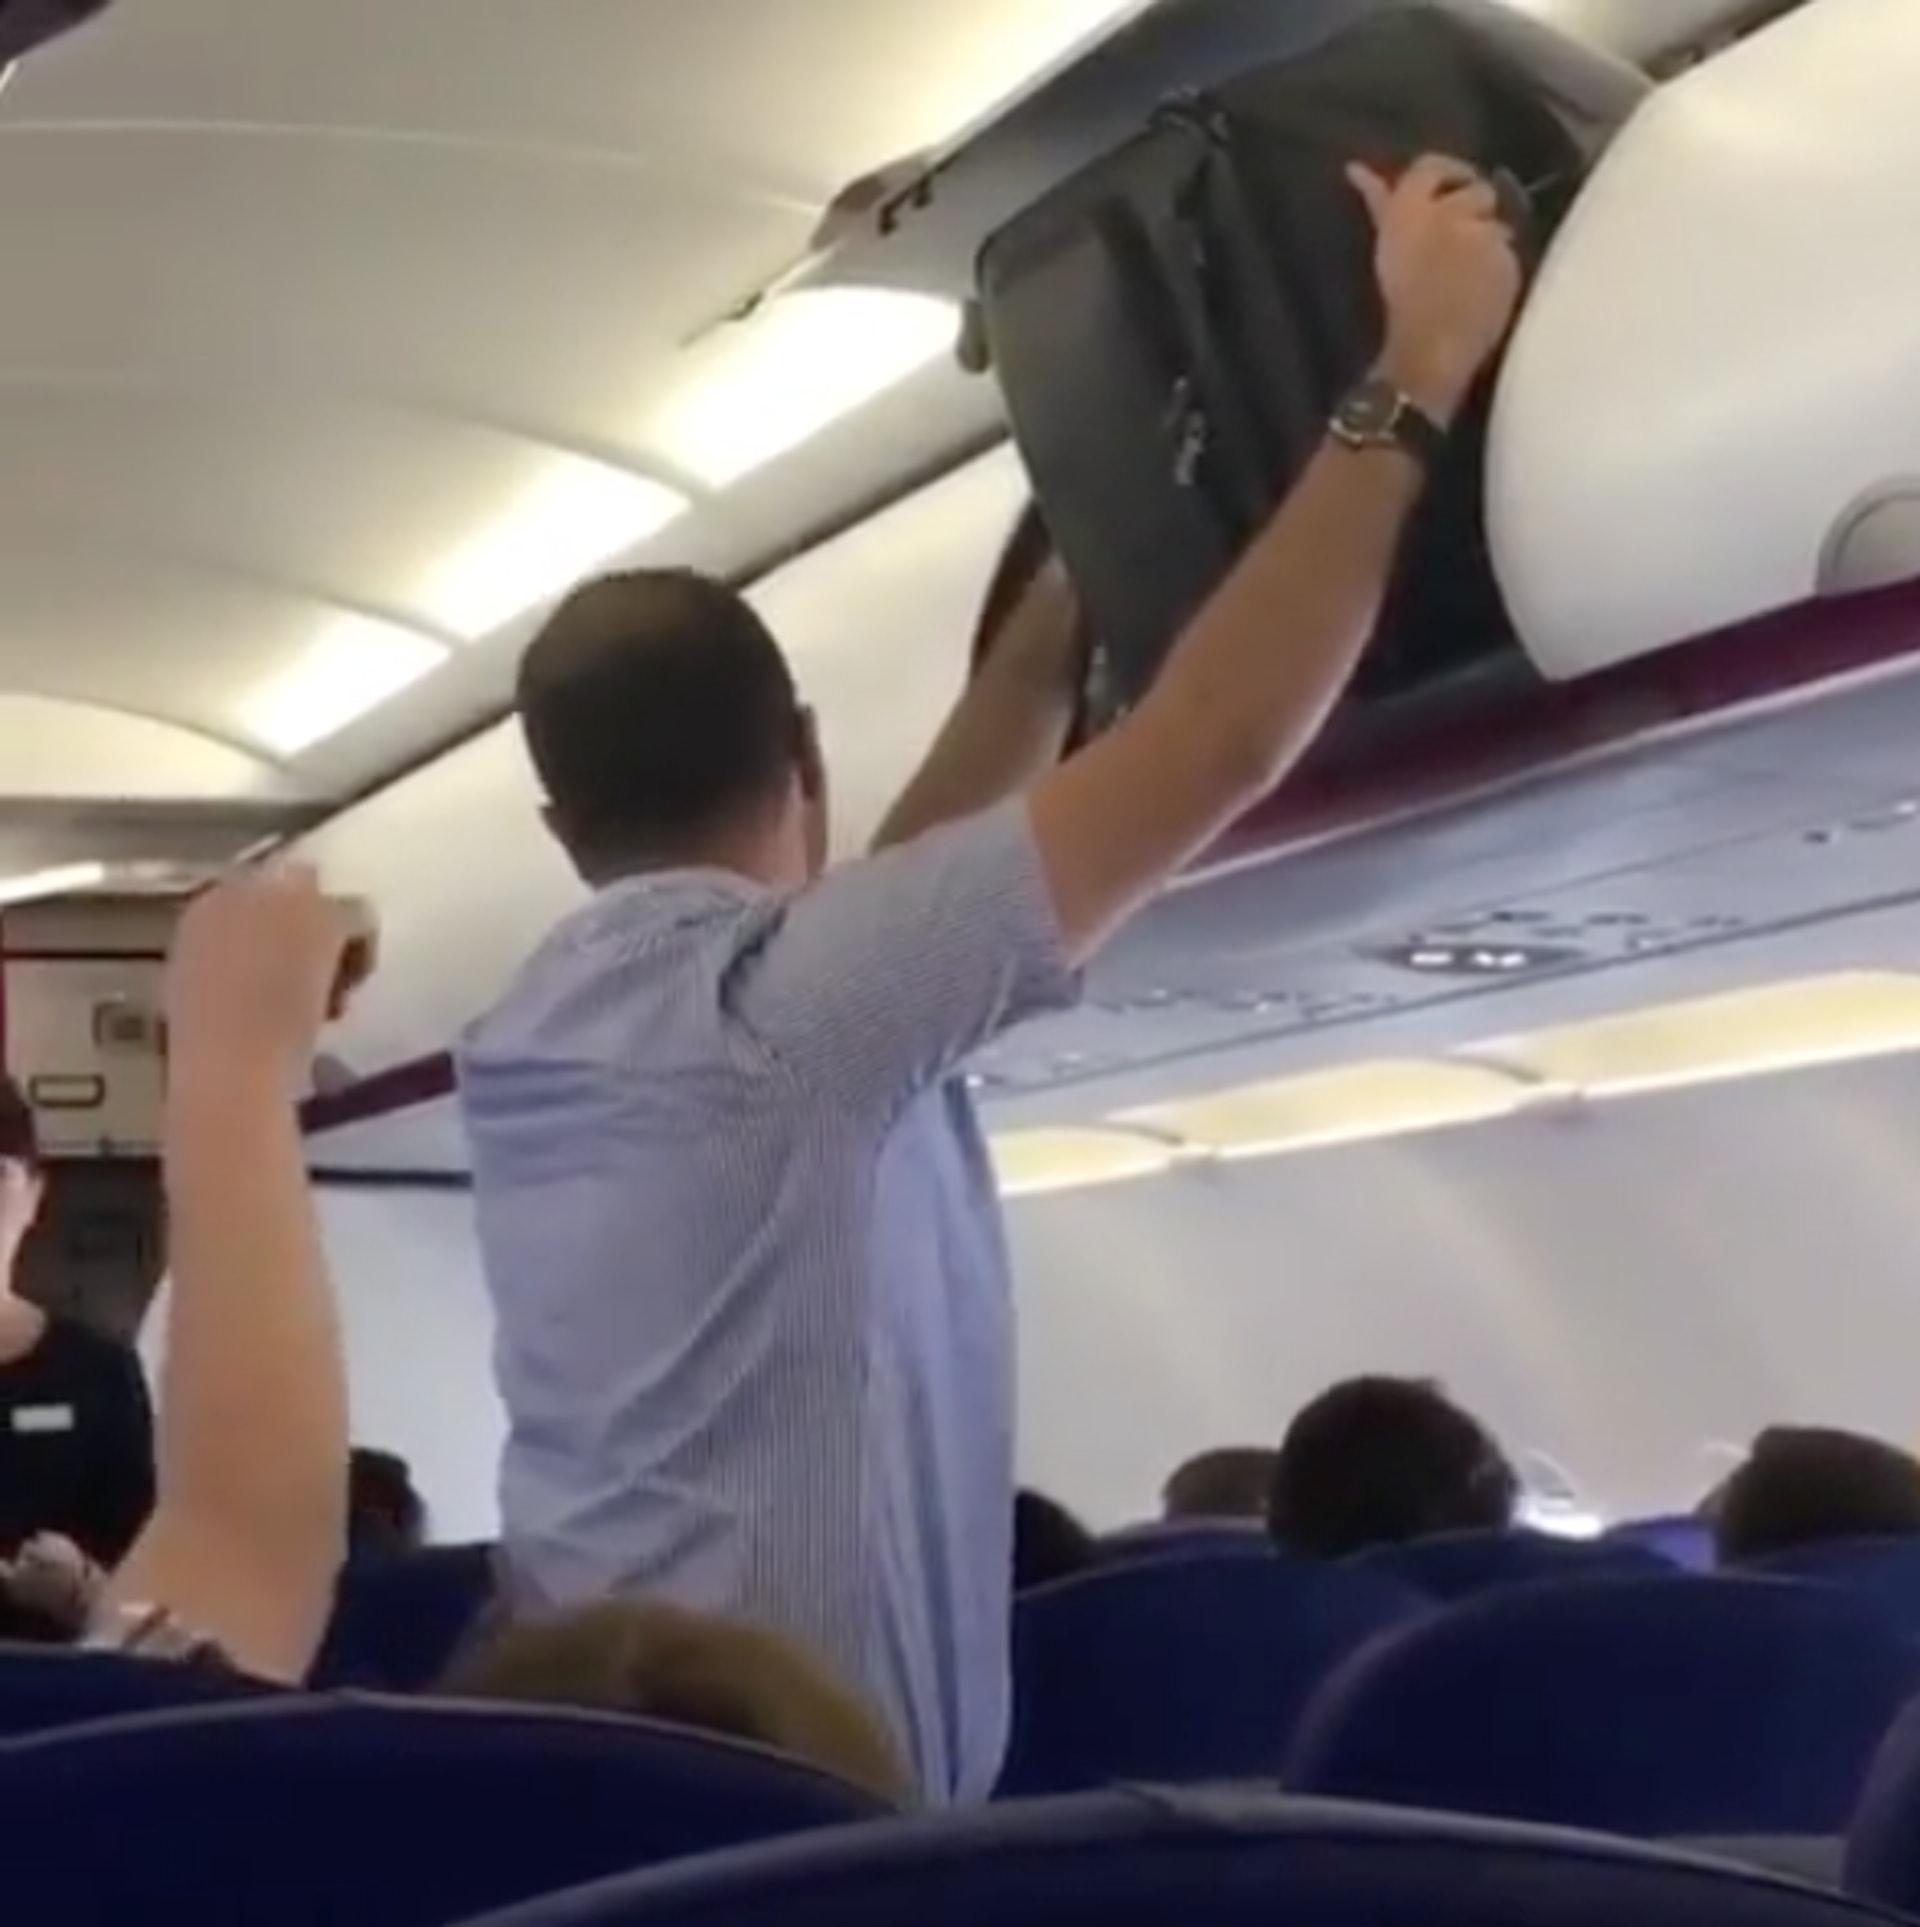 【3】霸佔行李架|有冇試過上機後,打開頭頂行李架,發現行李架已滿,轉移陣地打開地面的行李架,同樣又爆滿!這種情流,相信港人不會陌生,猶其是發生在回程航班上,將手信塞滿行李架固然開心,不過公德心亦同樣重要!(圖片來源:passengershaming@ig)